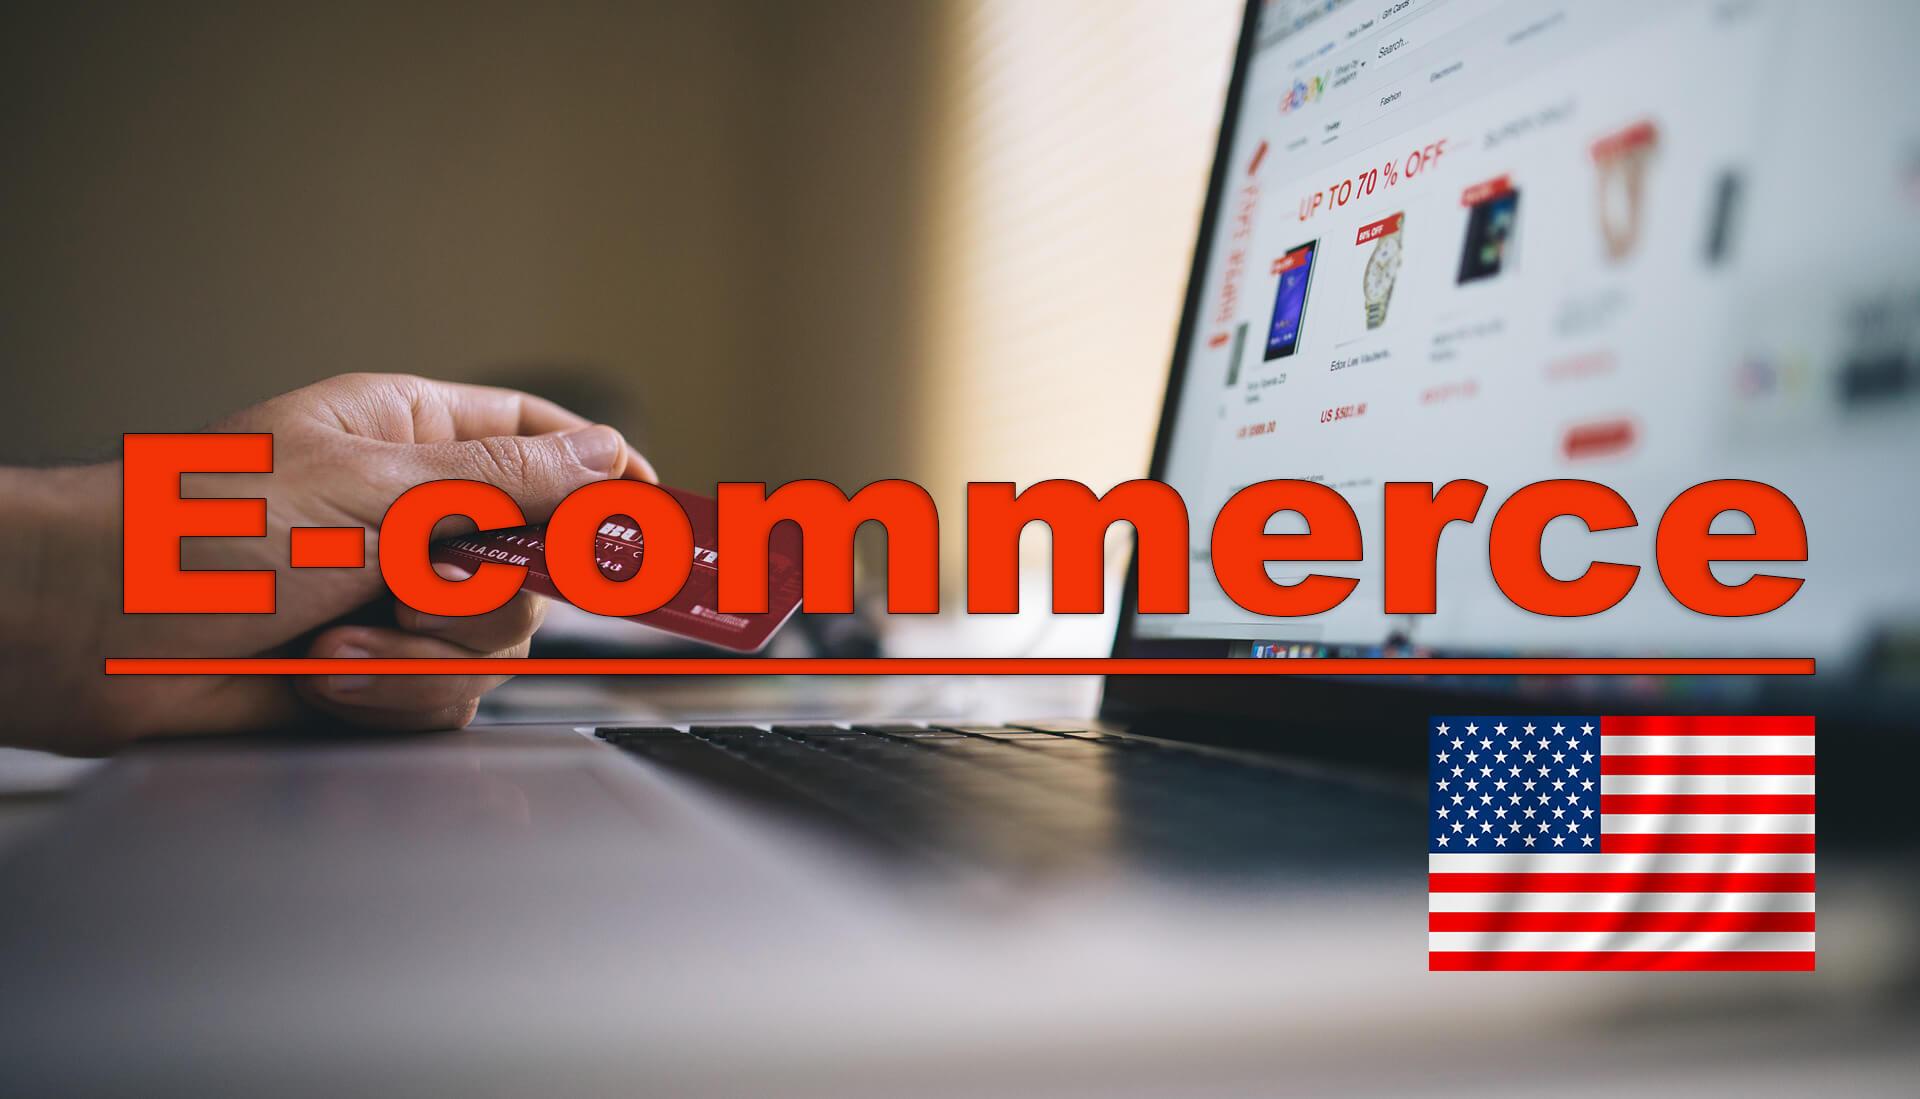 アメリカEC市場の基礎知識 | オムニチャネル戦略を実践する人気ECサイト5選